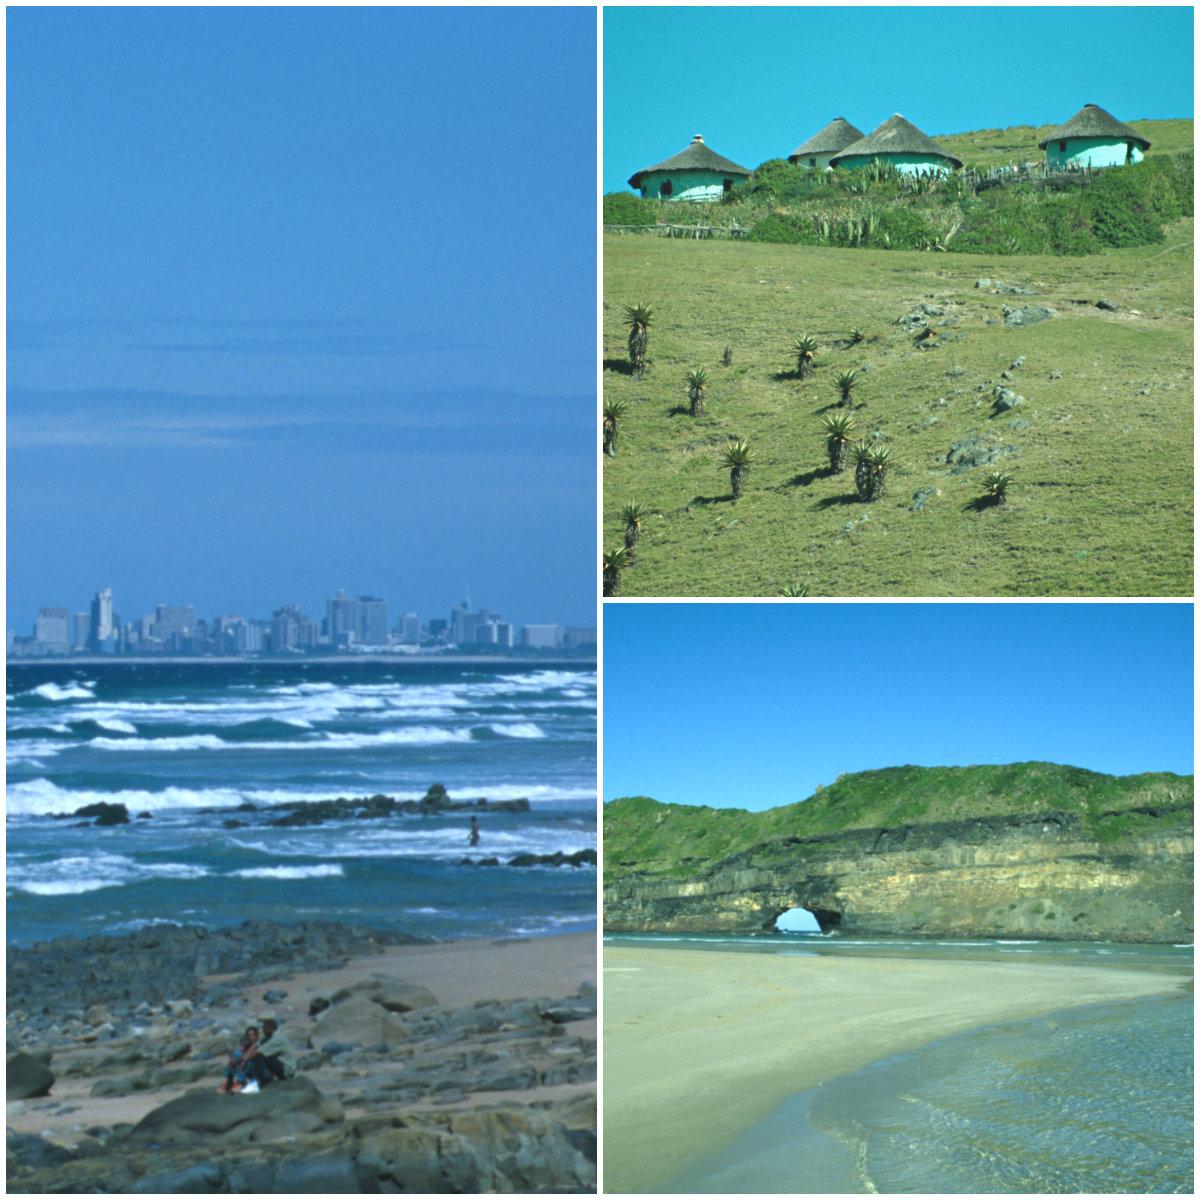 Kollage-Südafrika-Transkei-Durban